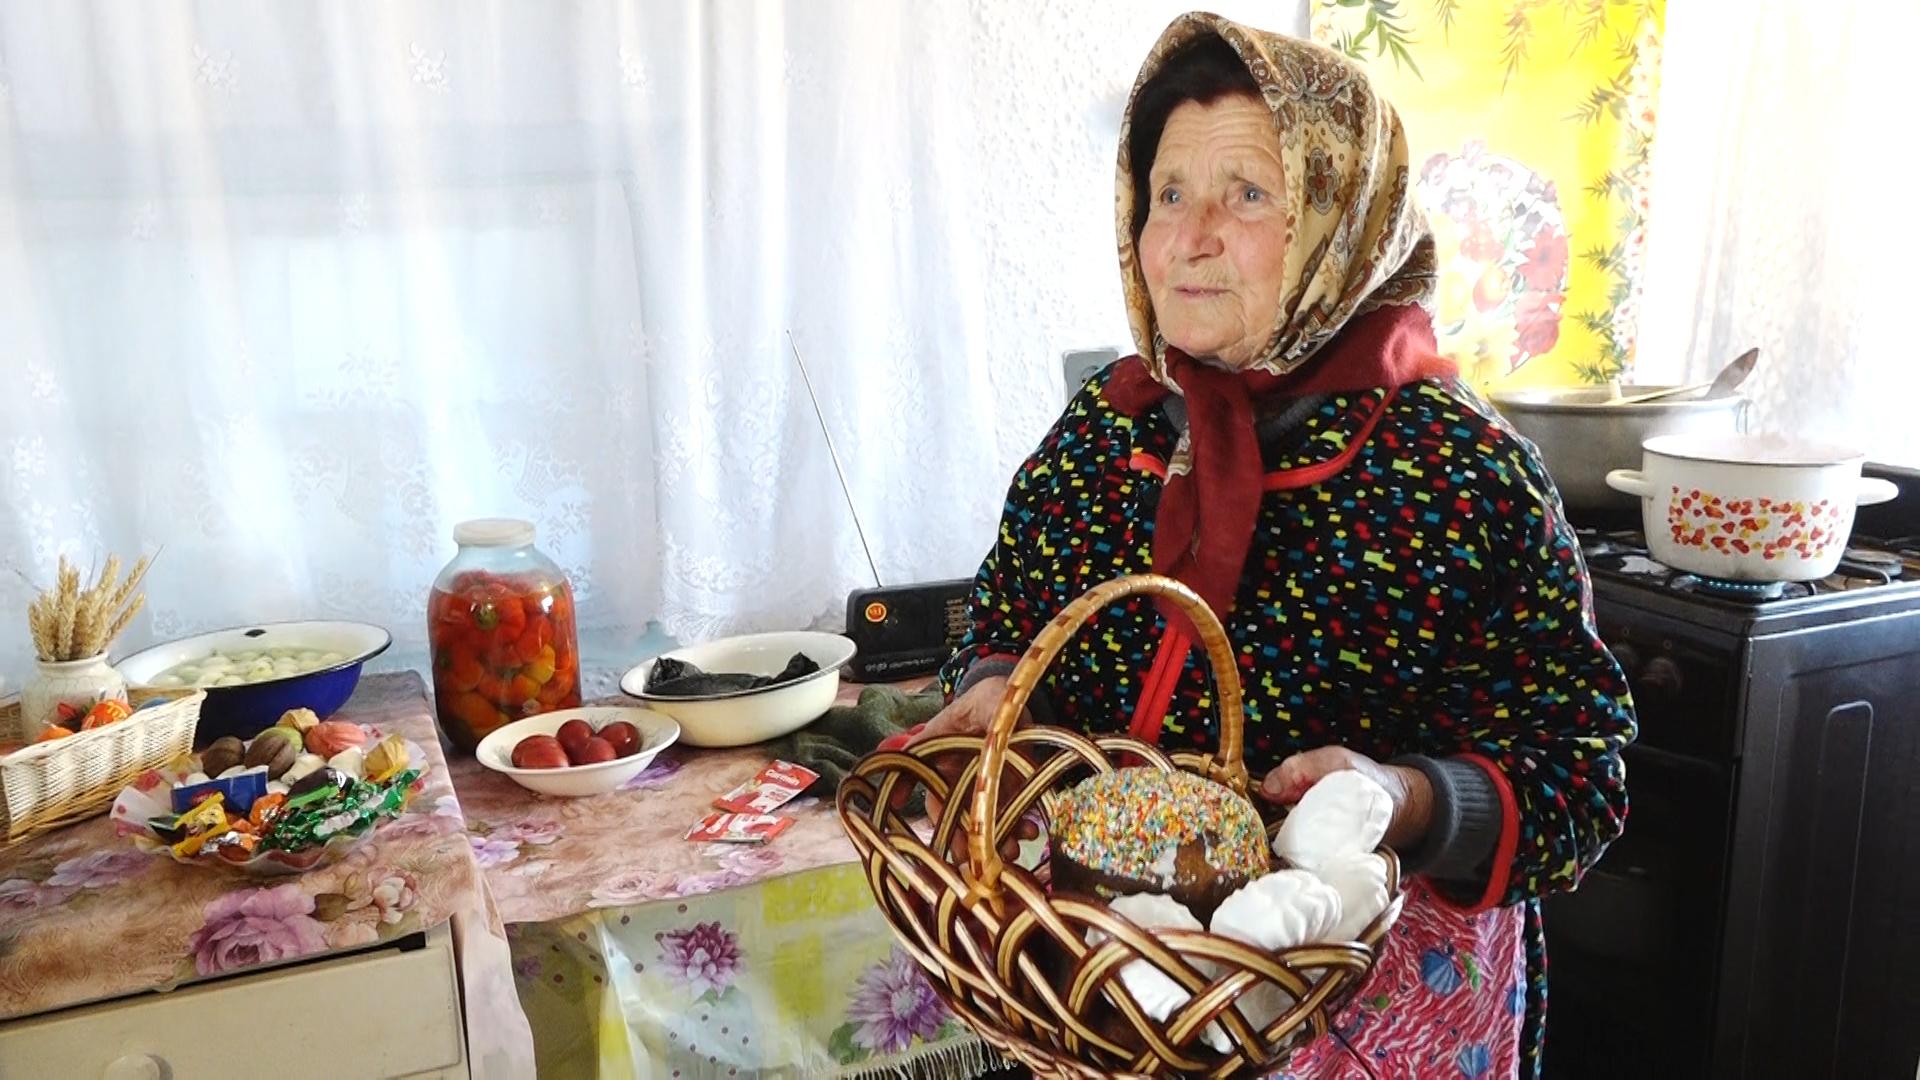 VIDEO | În Joia Mare, gospodinele din satul Drepcăuți au vopsit ouăle de Paști și au făcut ordine